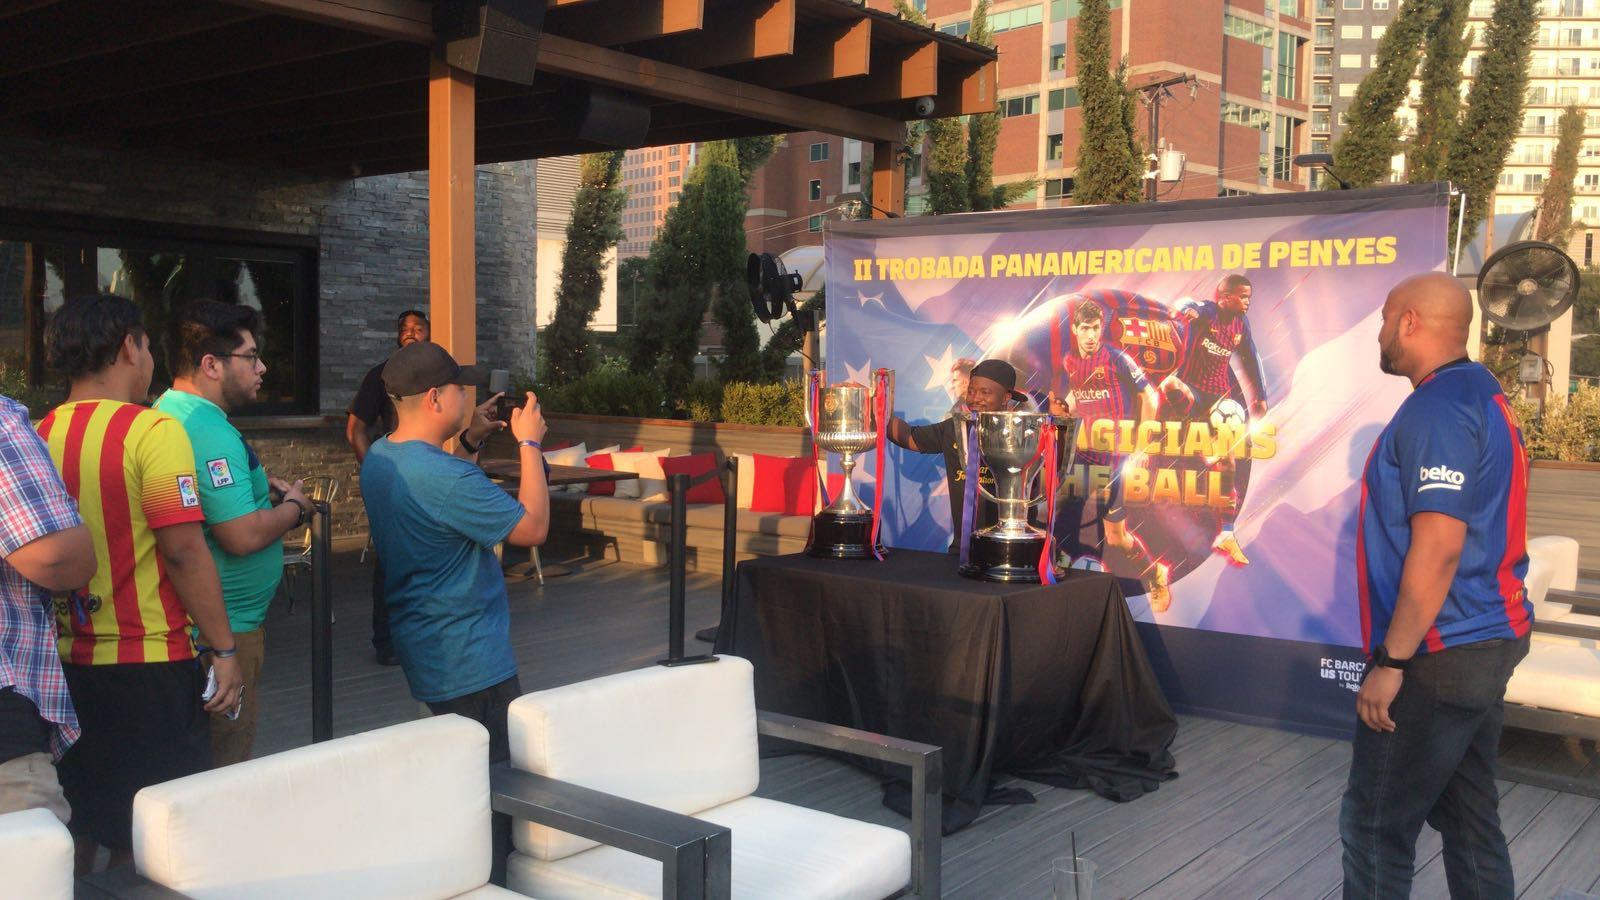 Evento de la Peña Barça en Happiest Hour, el domingo en Dallas. Foto de Walter Roque para Al Día